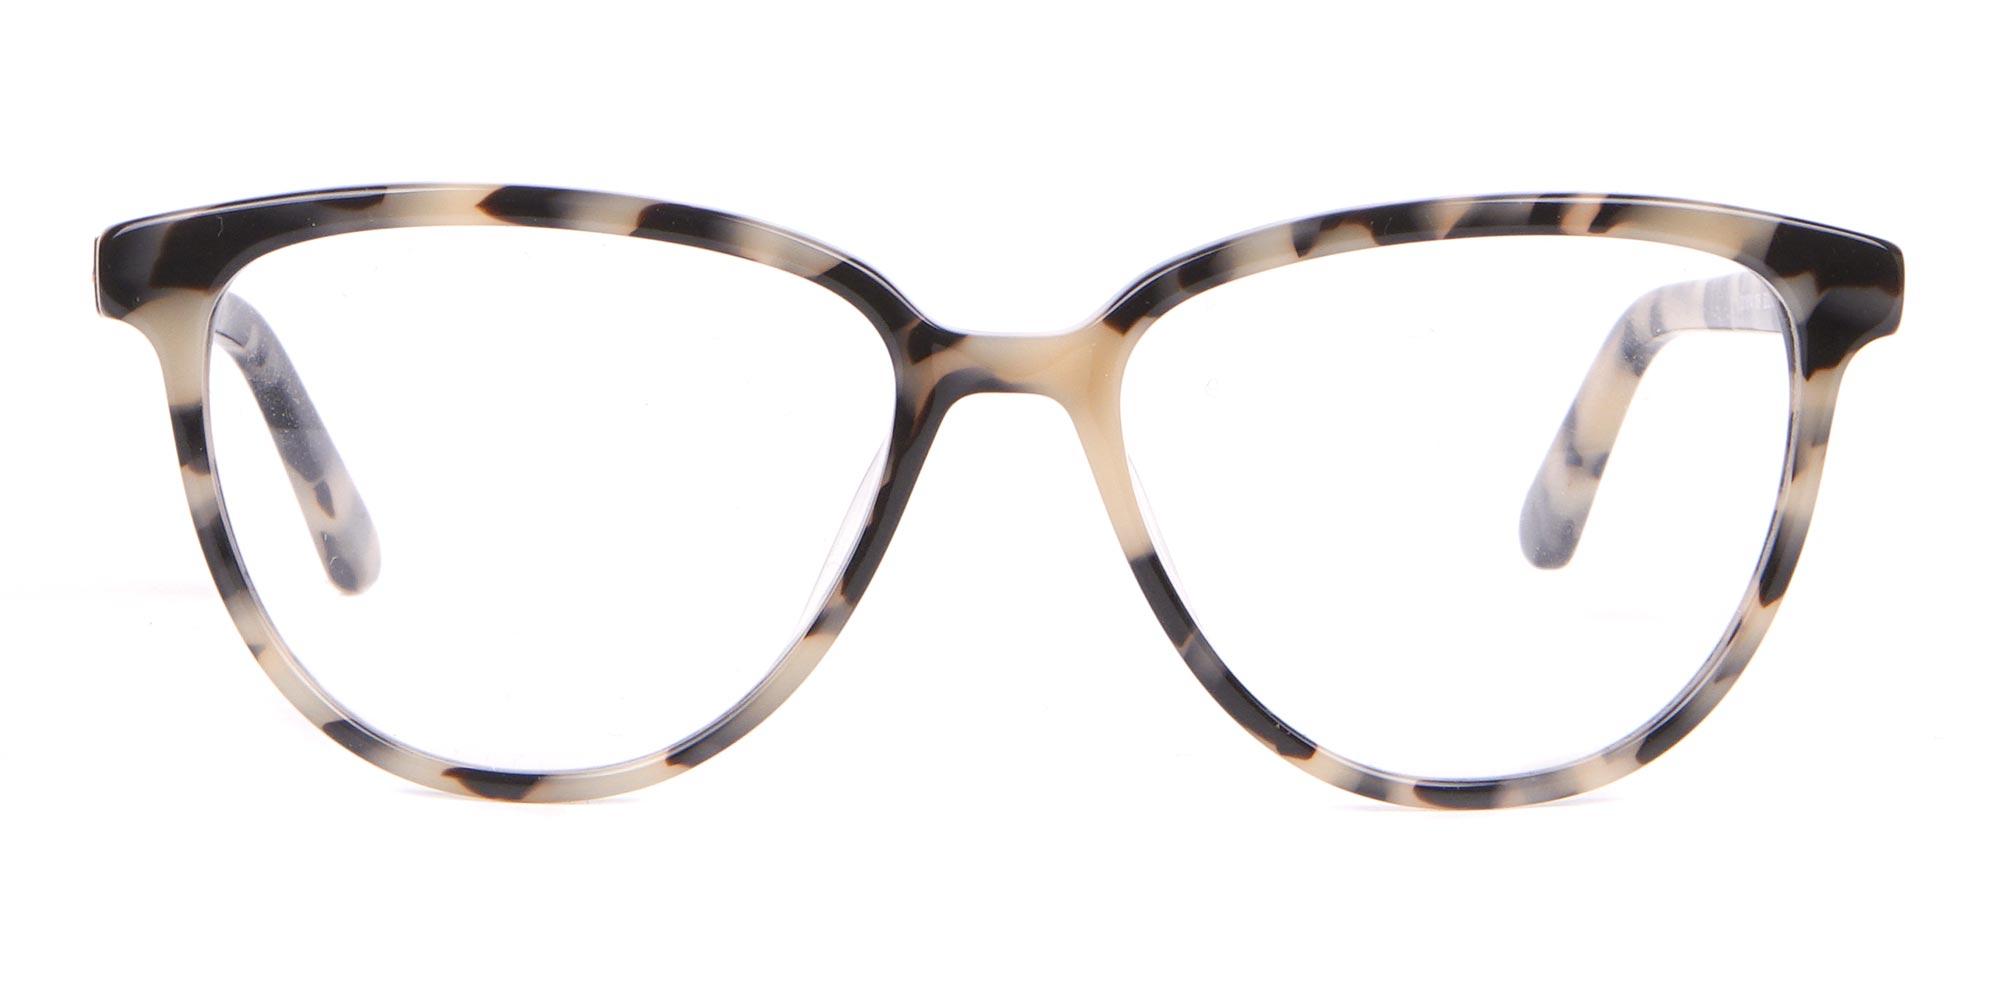 Calvin Klein Cream Tortoiseshell Glasses in Cat-Eye